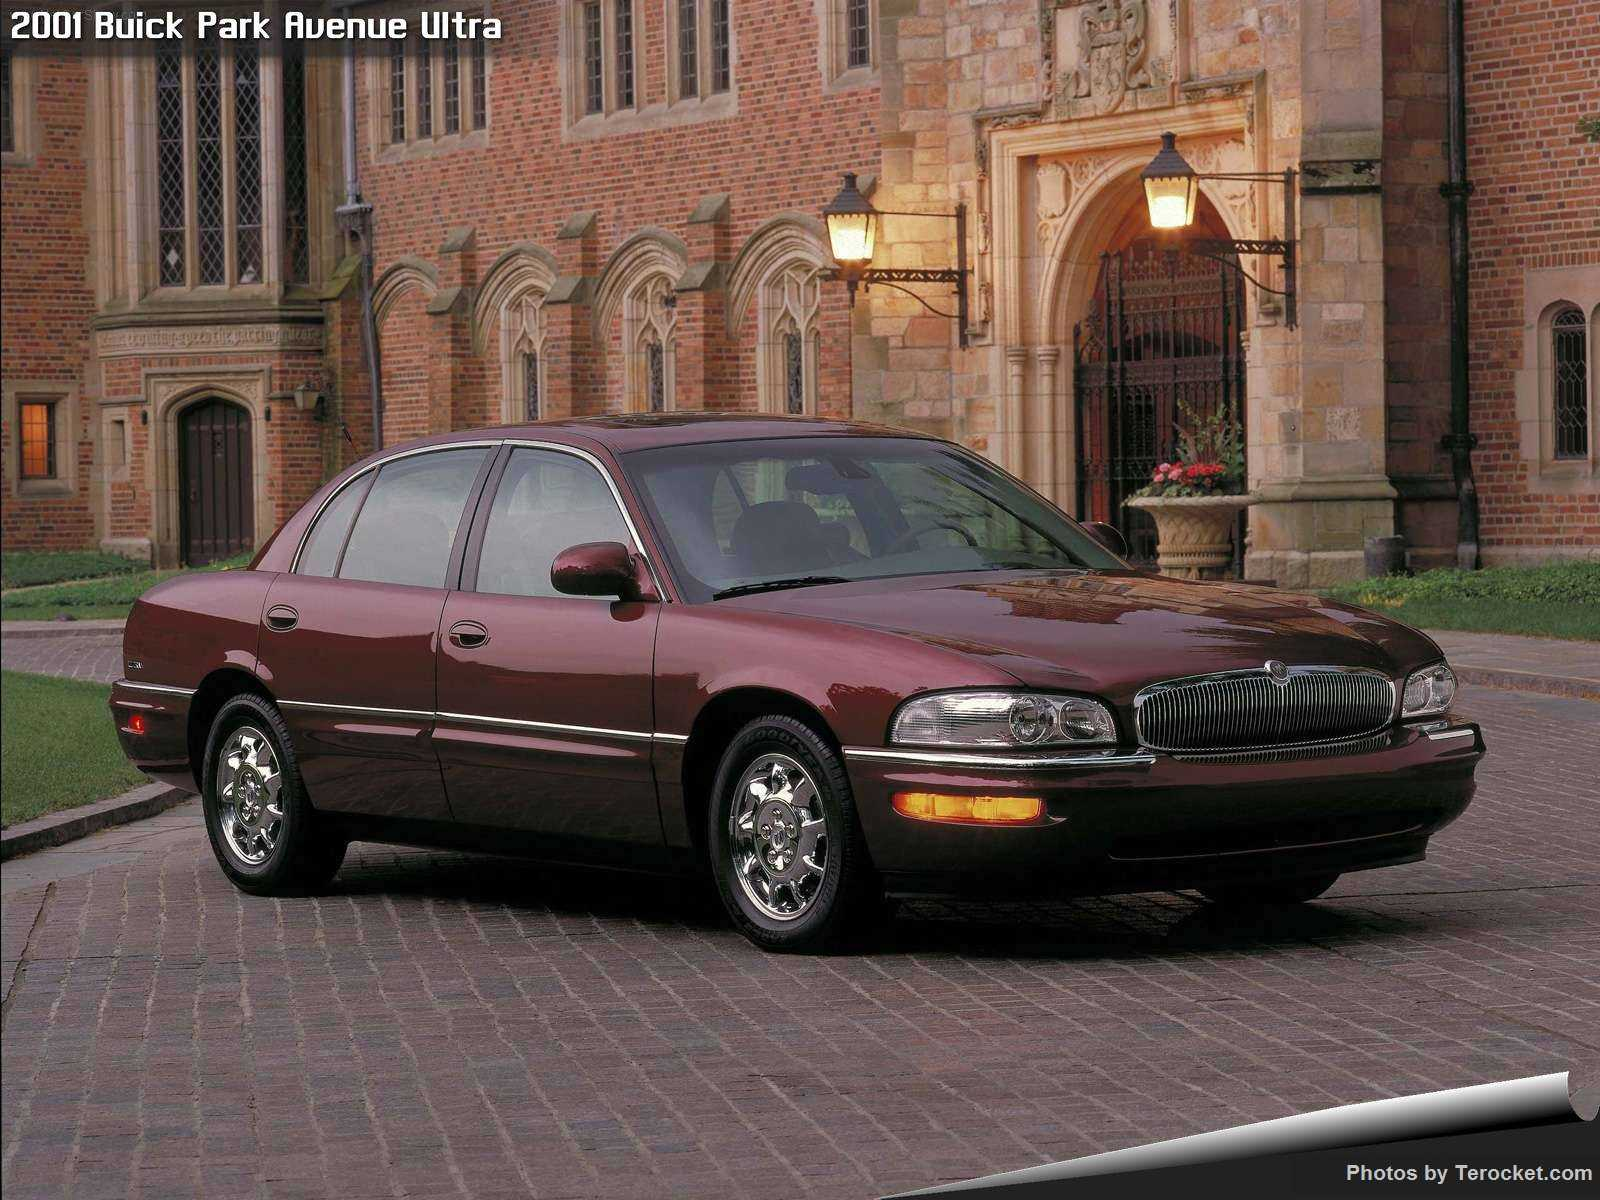 Hình ảnh xe ô tô Buick Park Avenue Ultra 2001 & nội ngoại thất